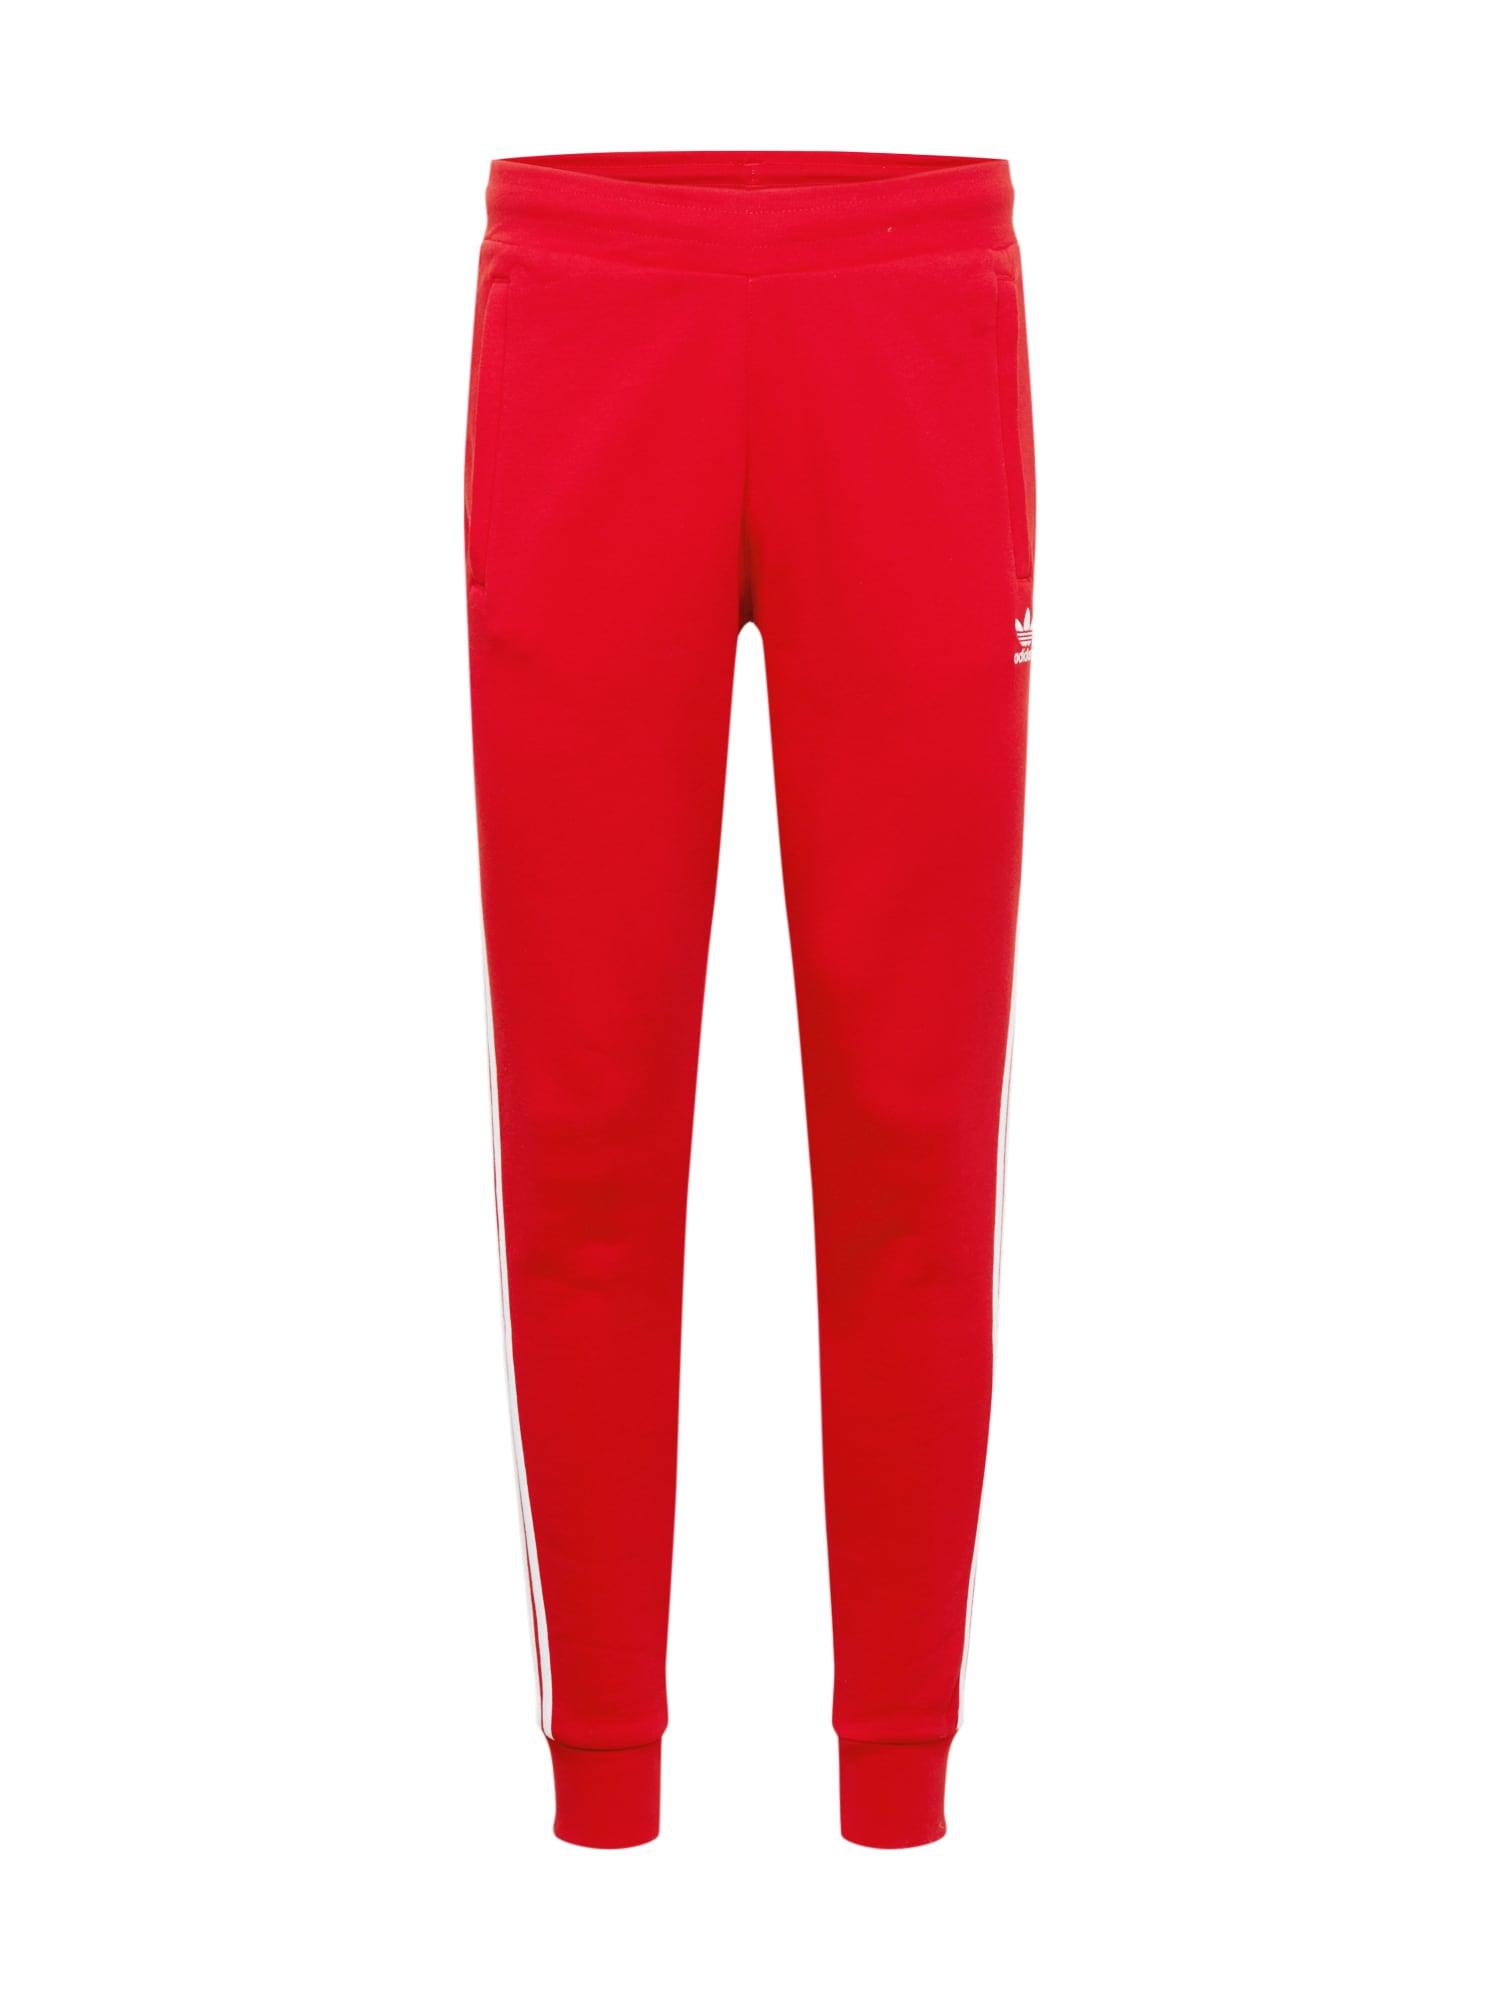 ADIDAS ORIGINALS Kelnės '3-STRIPES PANTS' raudona